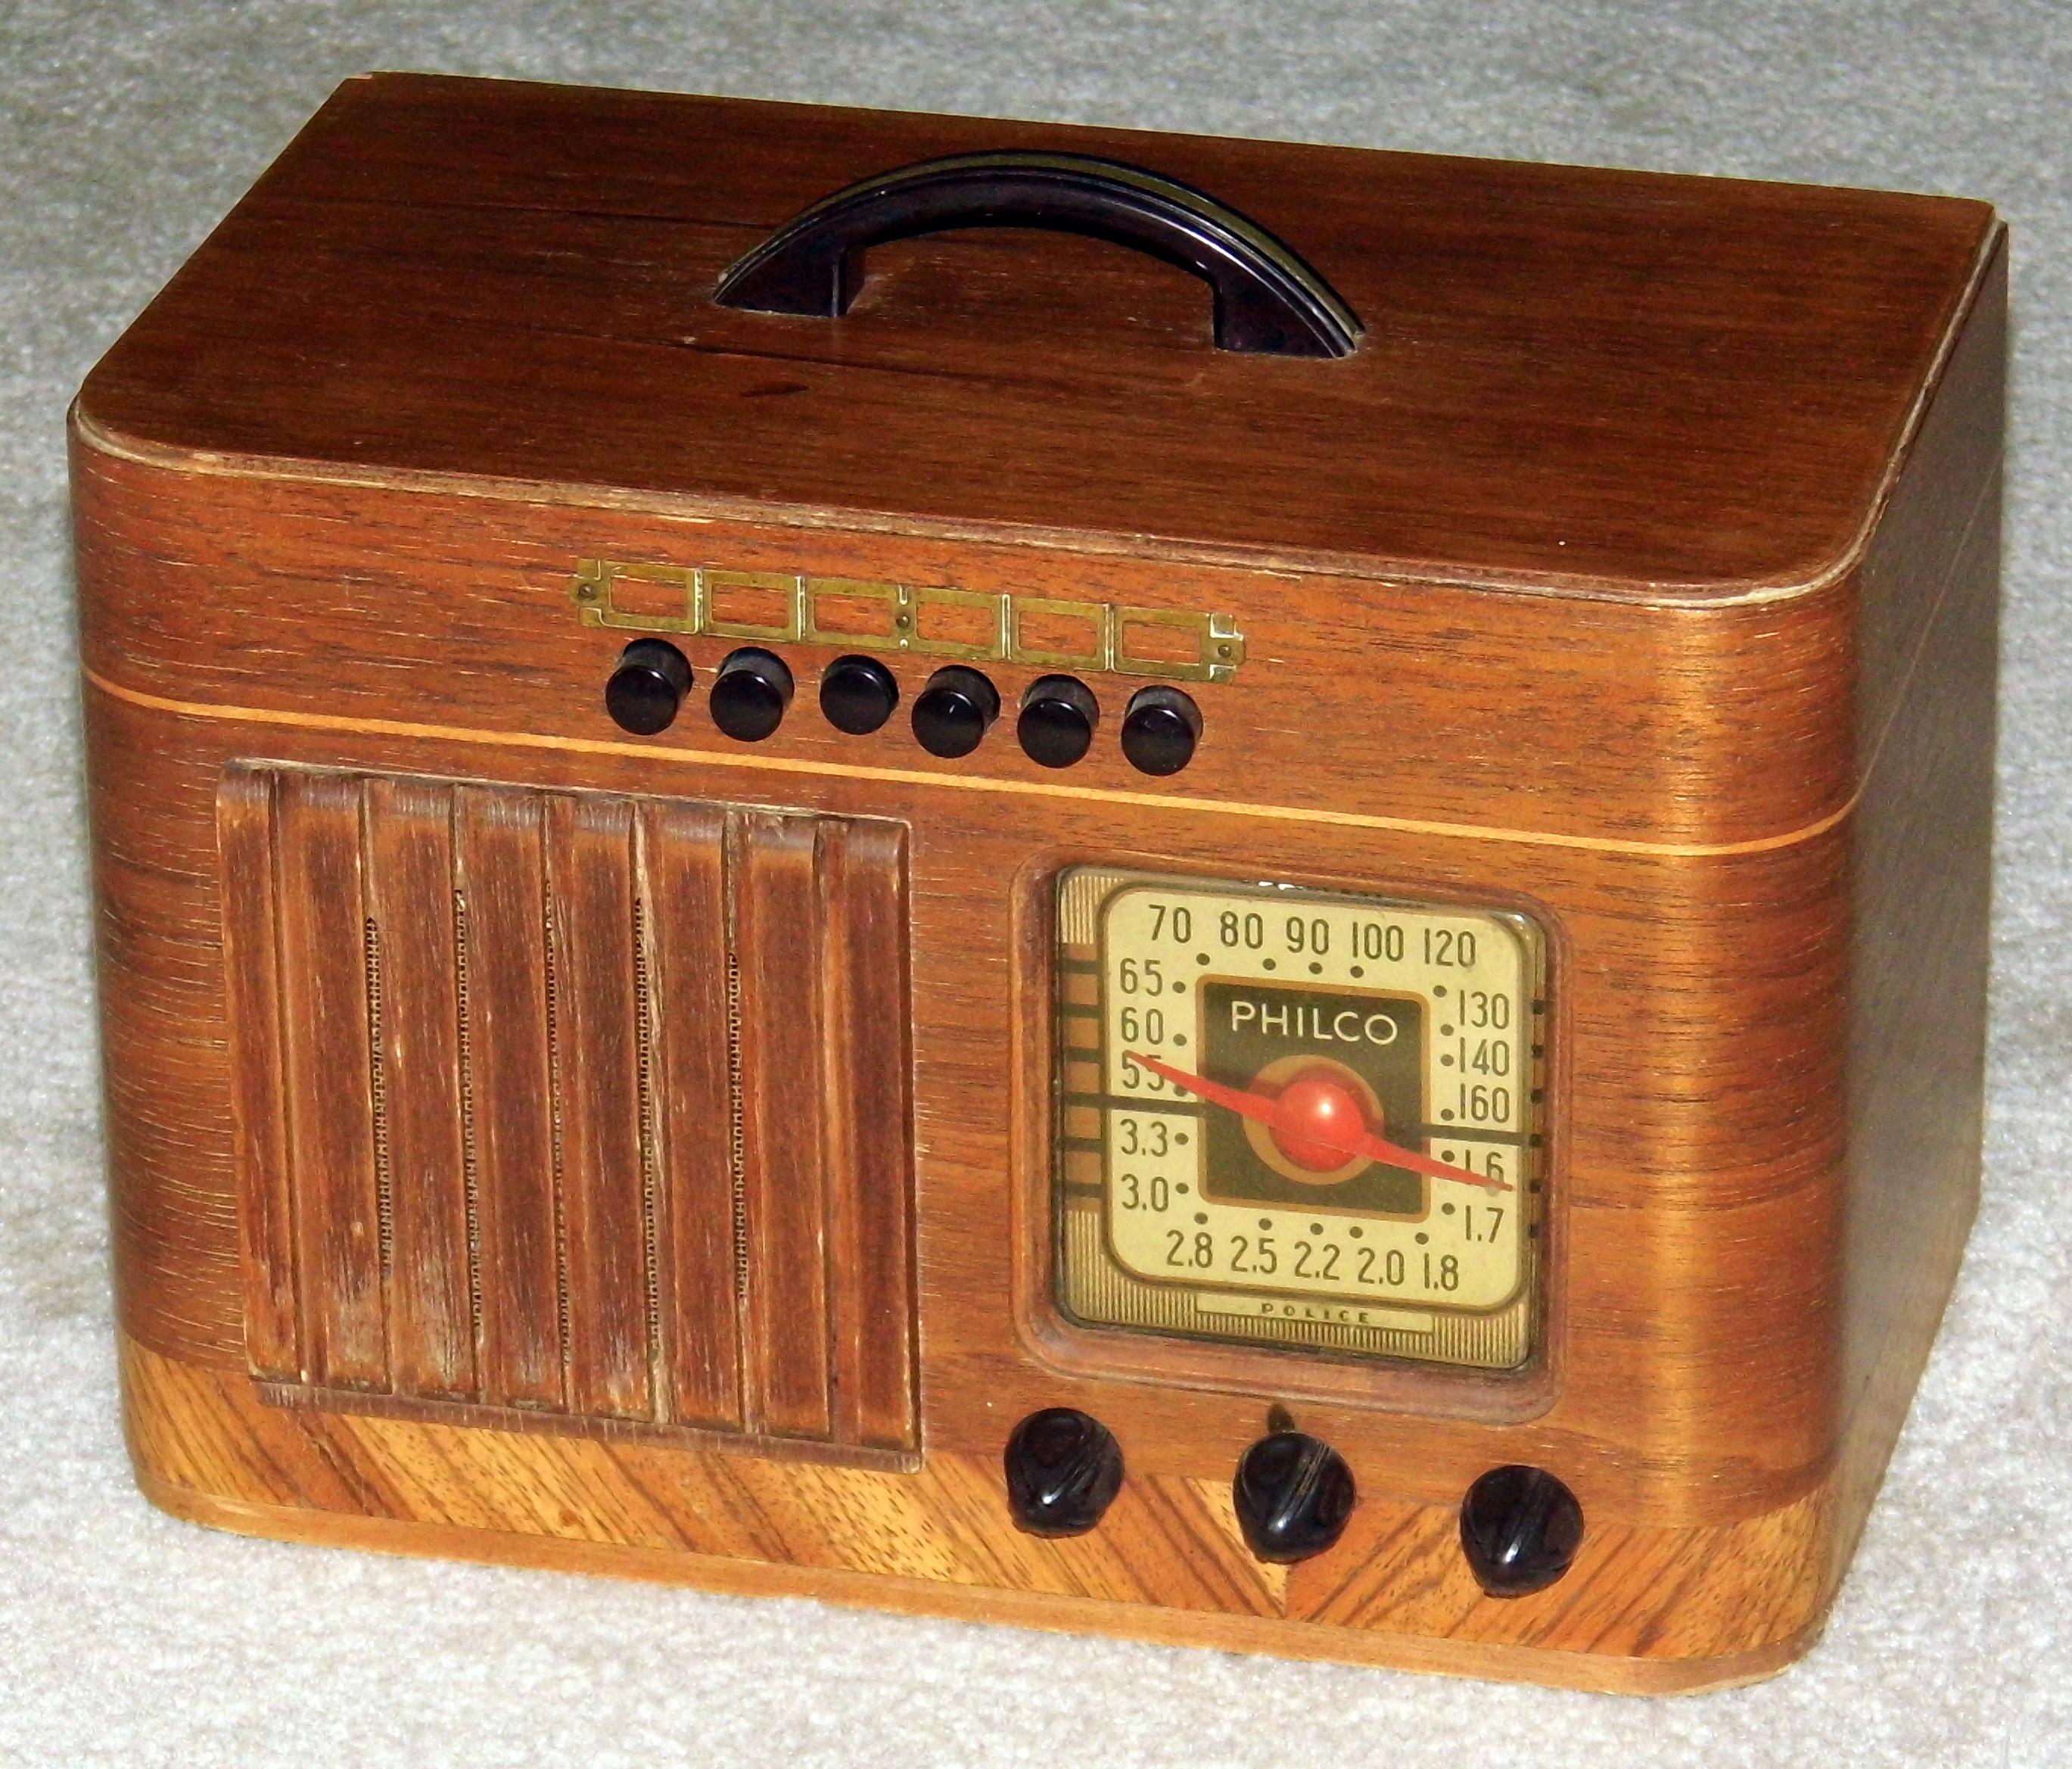 Jims Antique Radio Museum - BOAT ANCHOR RADIOS